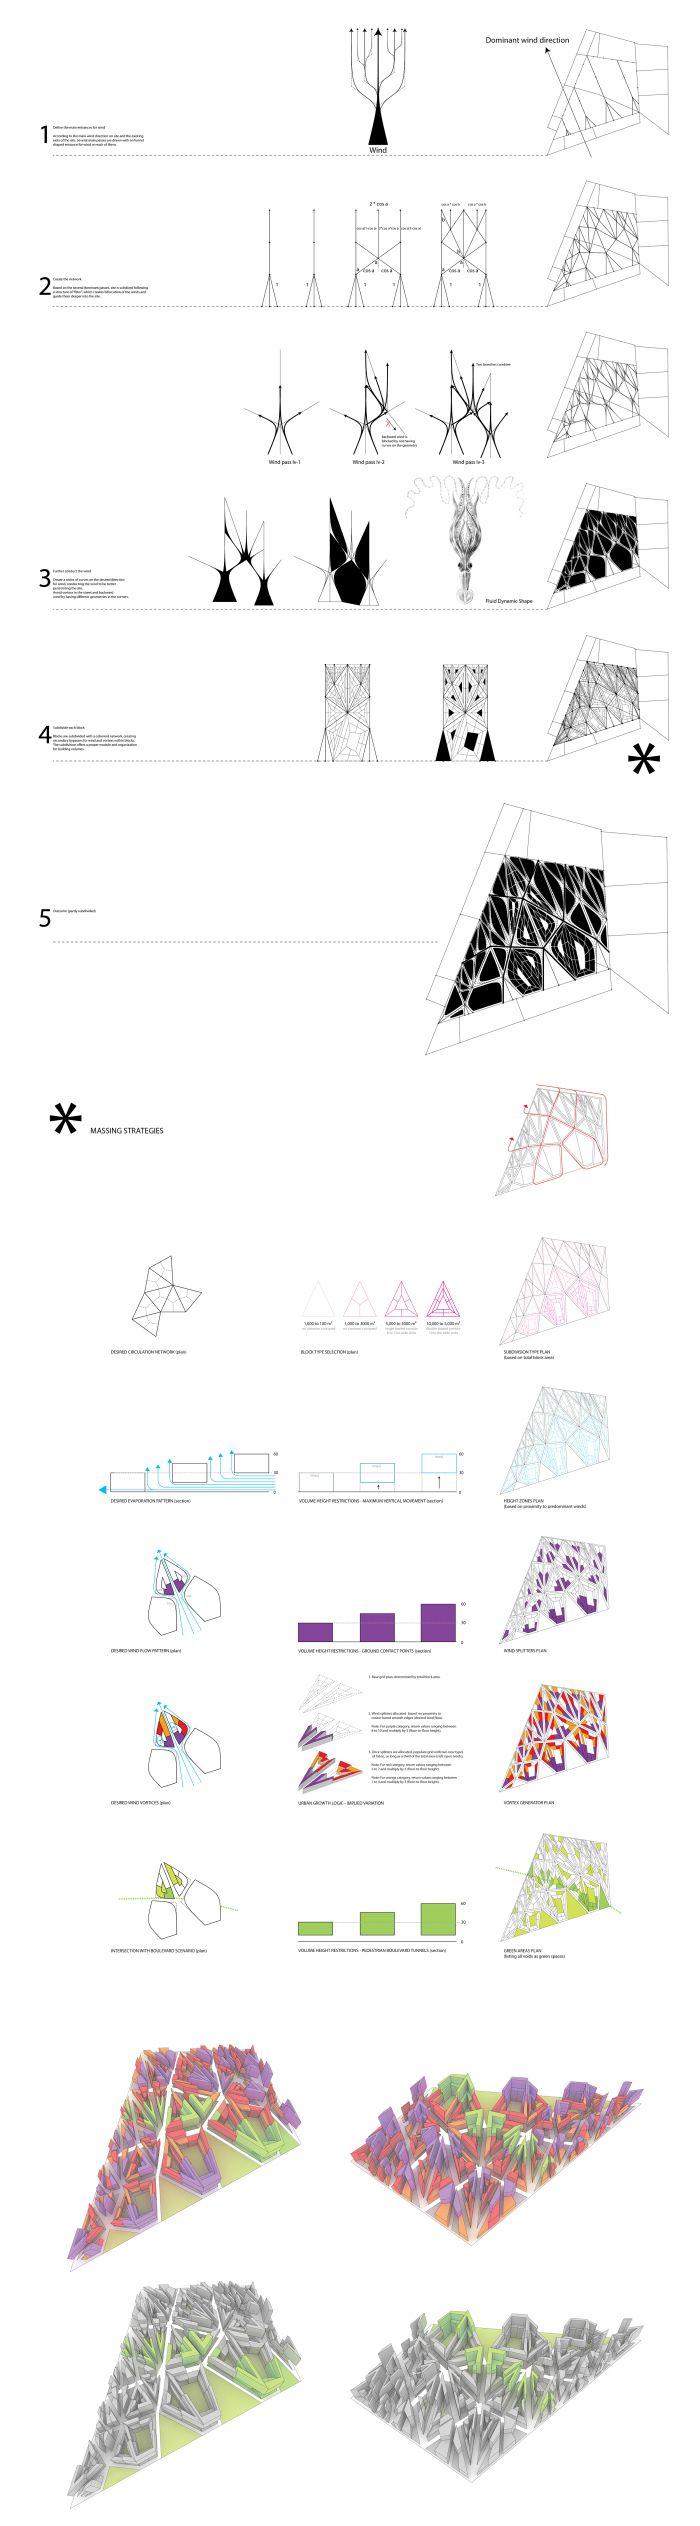 .fractal system